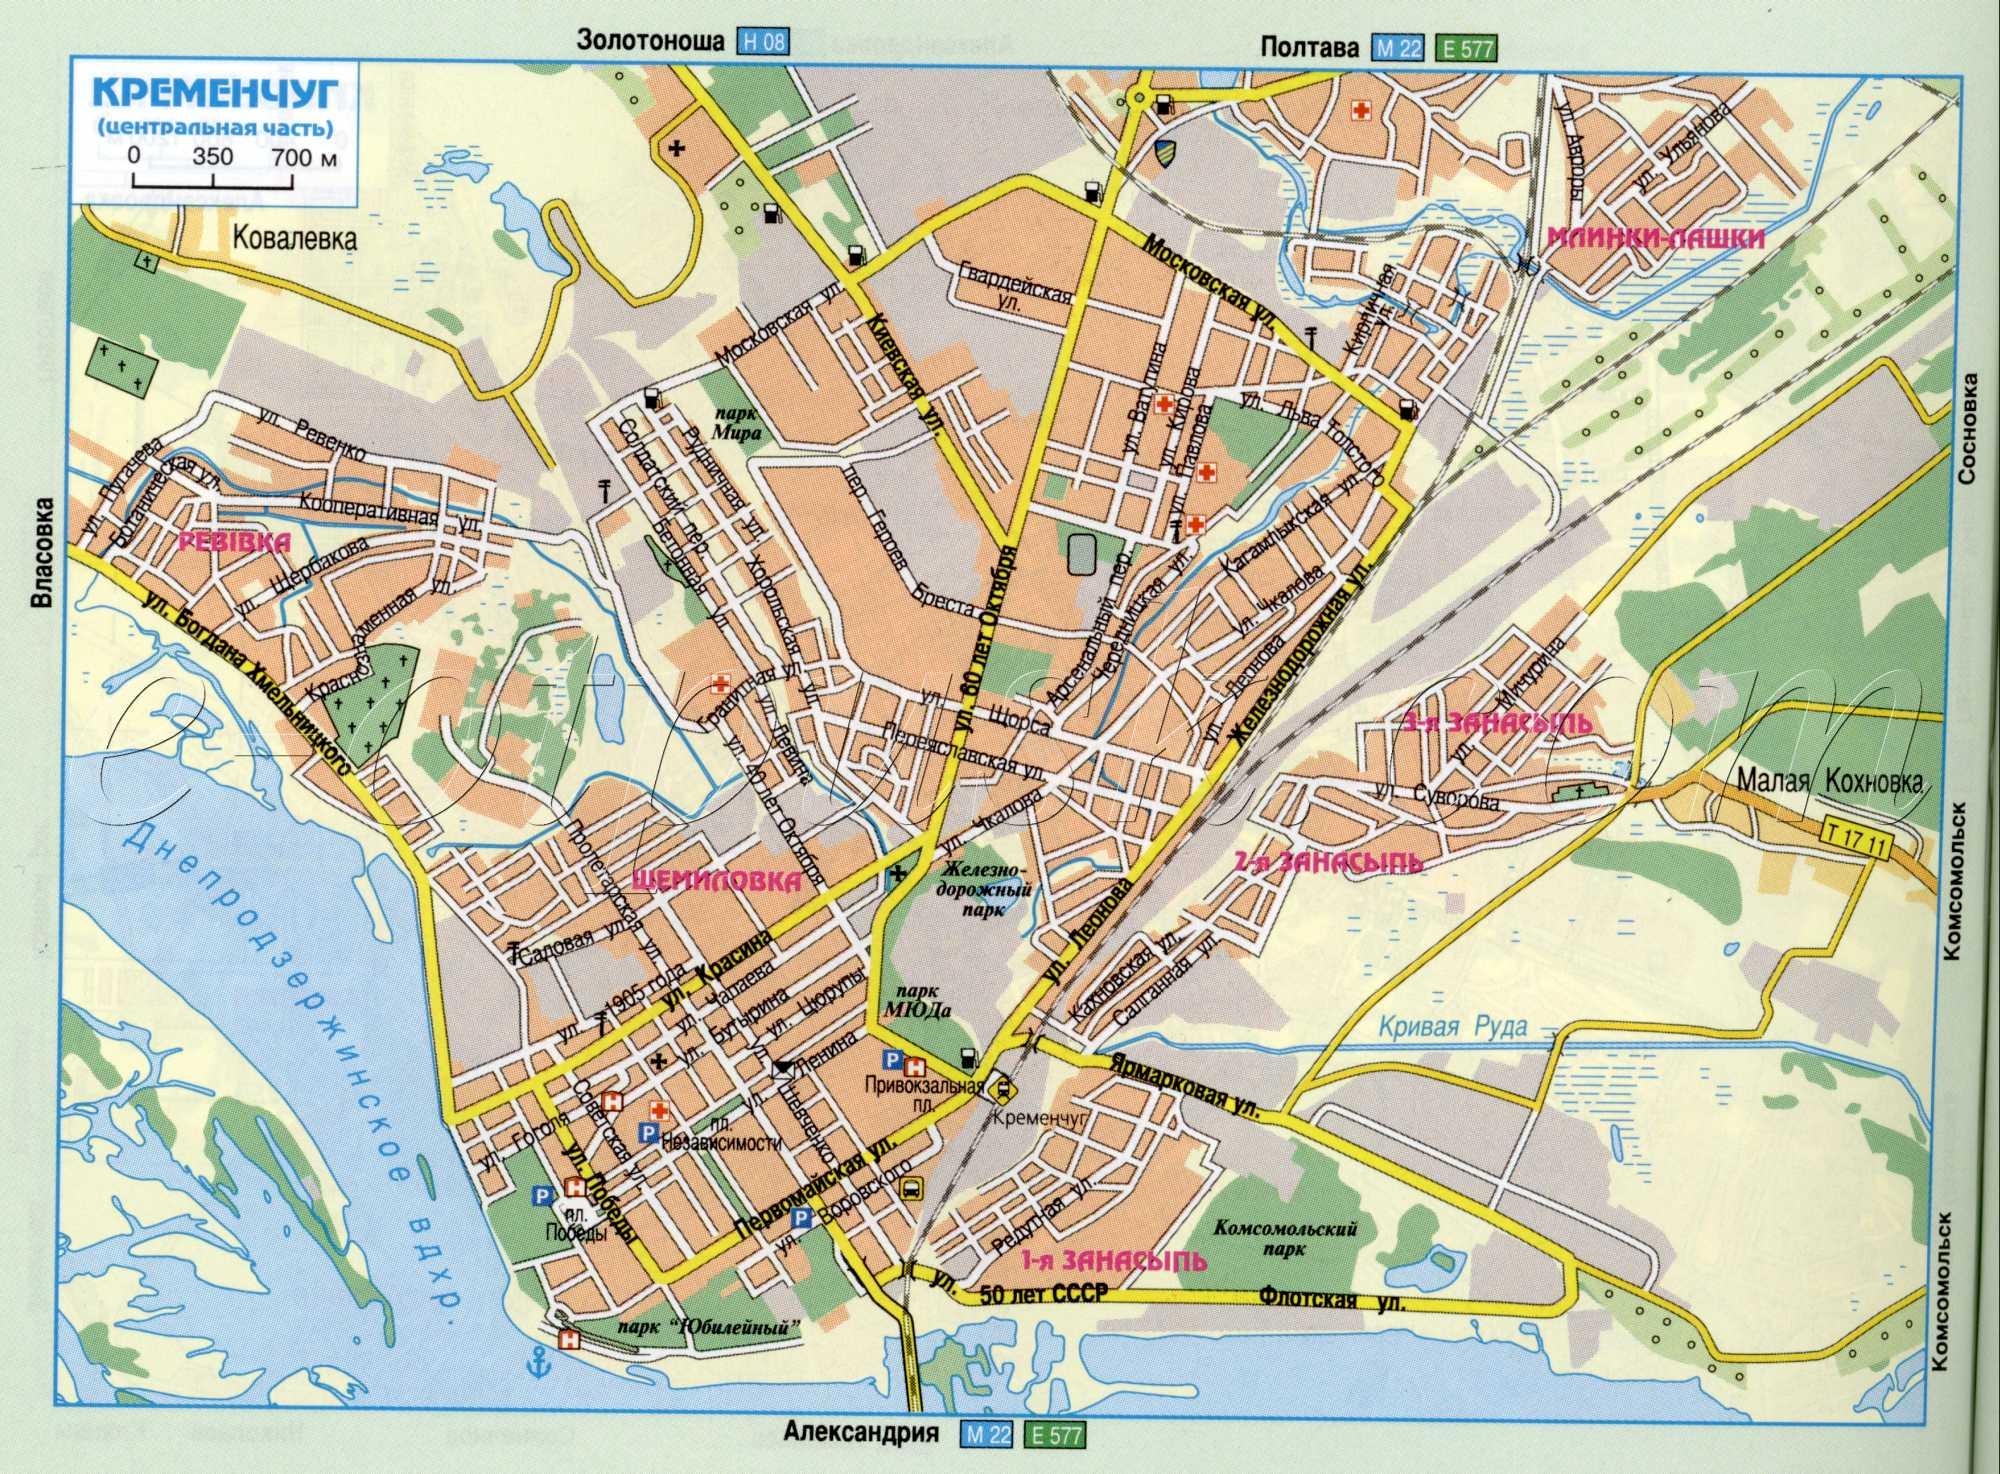 Карта города Кременчуг